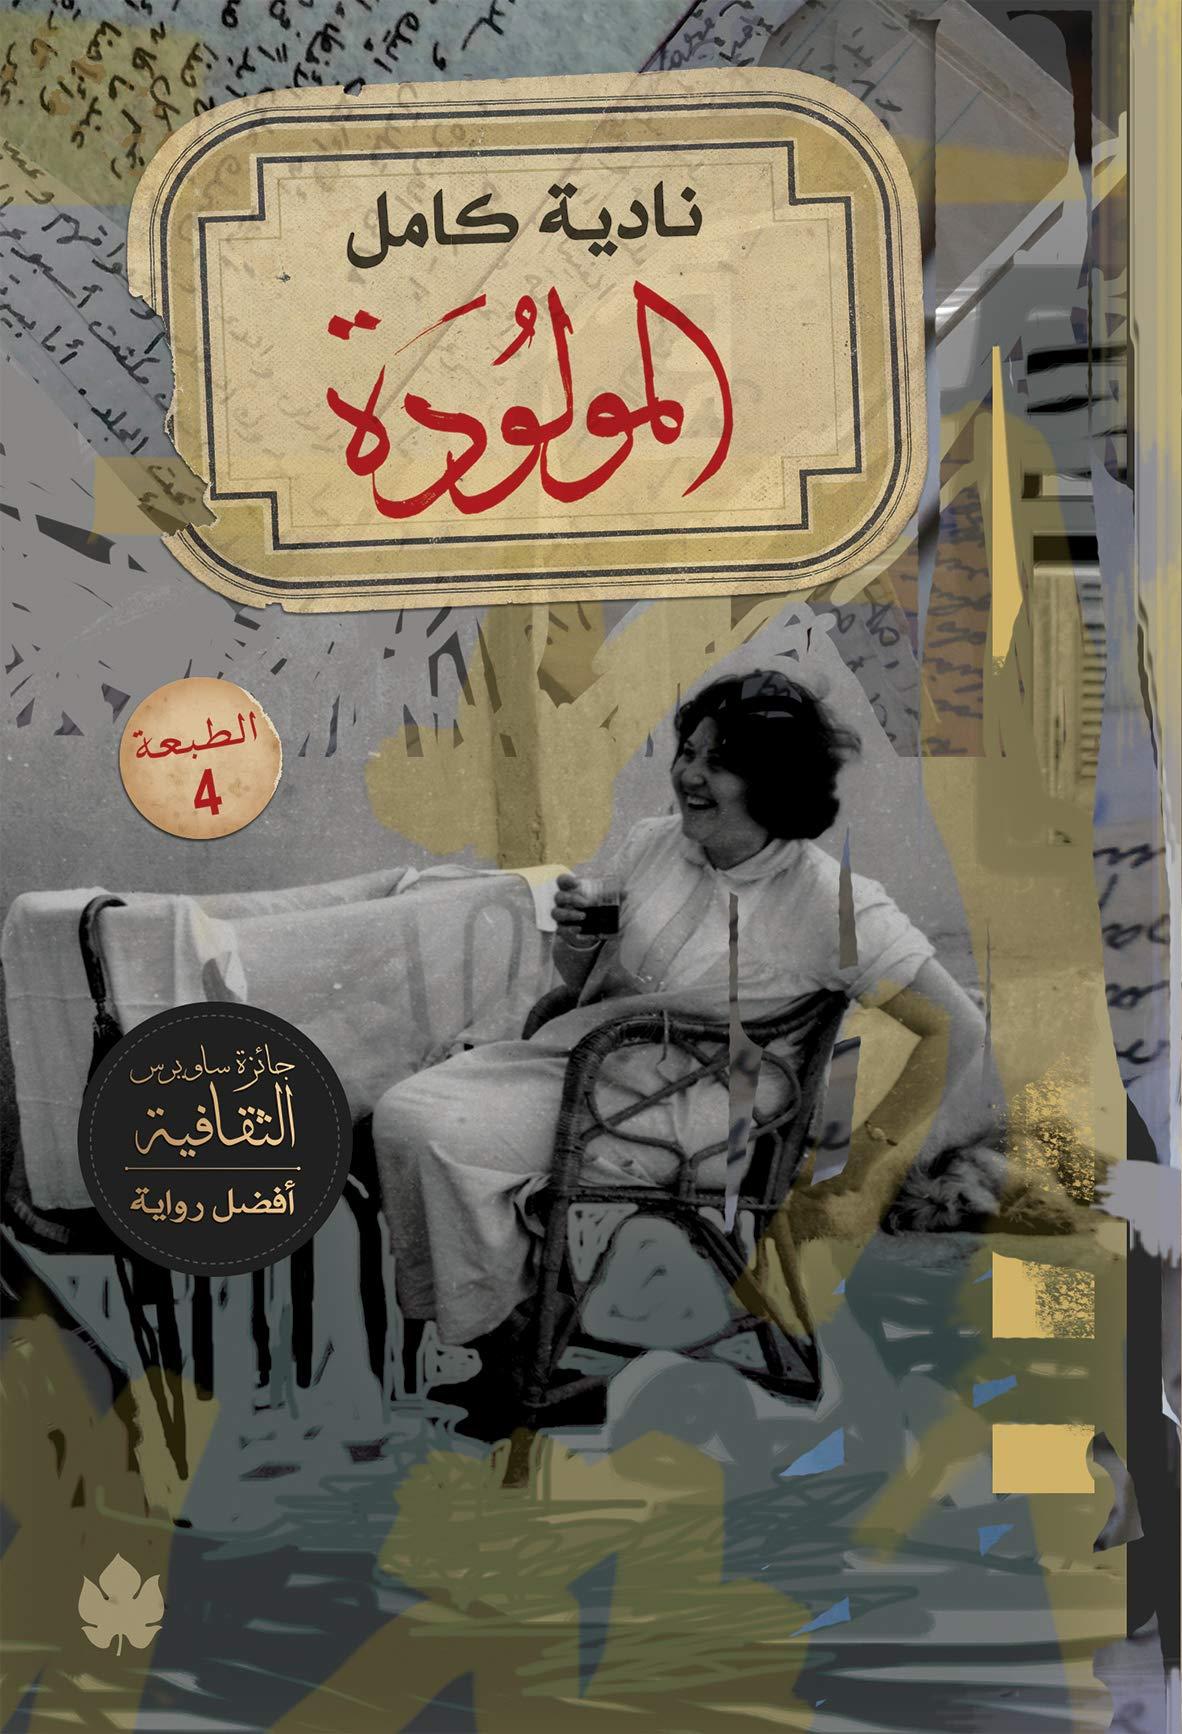 المولودة  Arabic Edition